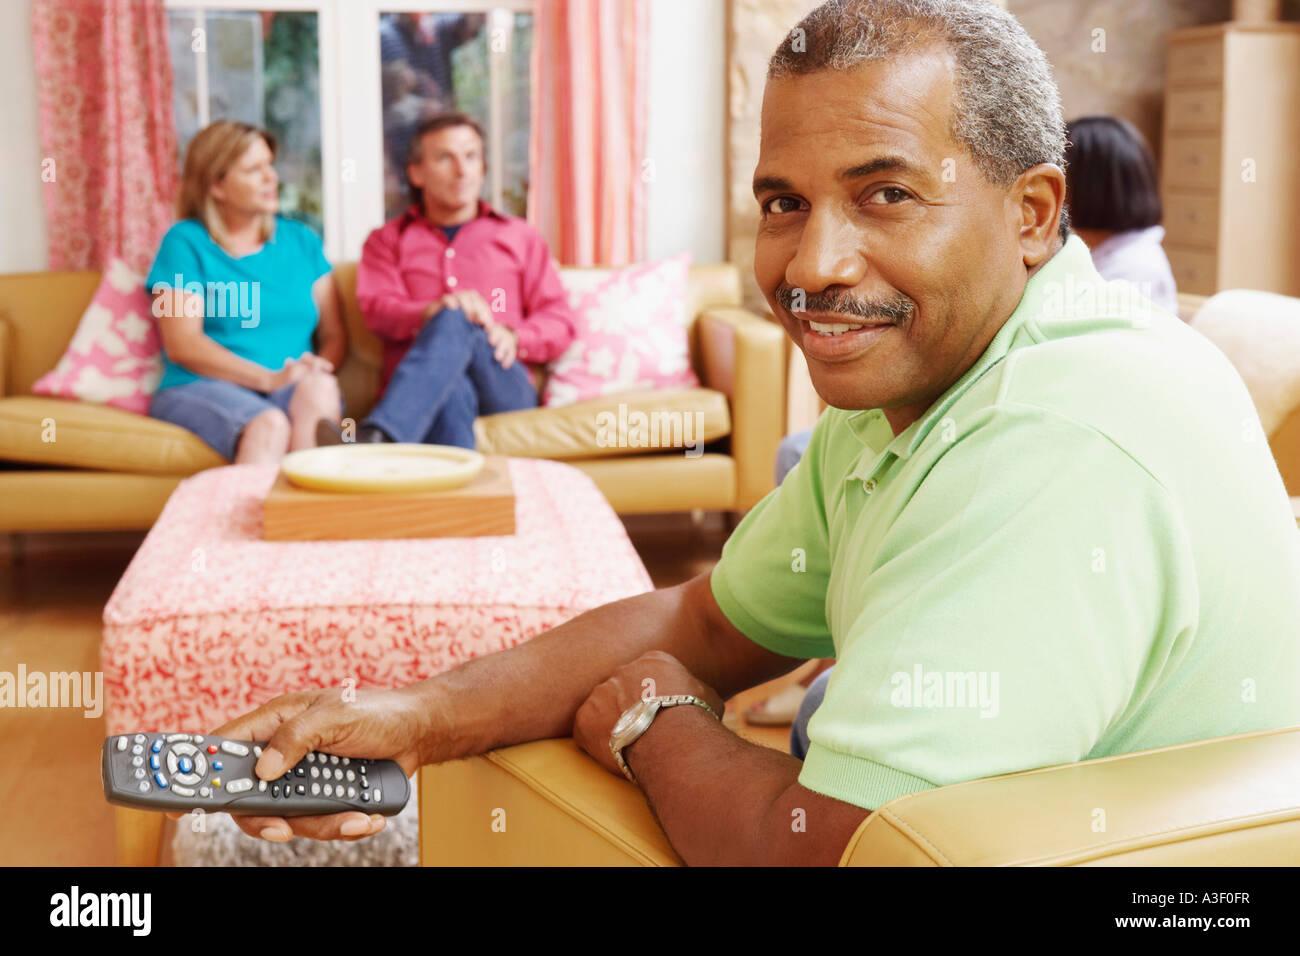 Portrait d'un homme mûr l'exploitation d'une télécommande avec trois personnes d'âge mûr assis à côté de lui Banque D'Images